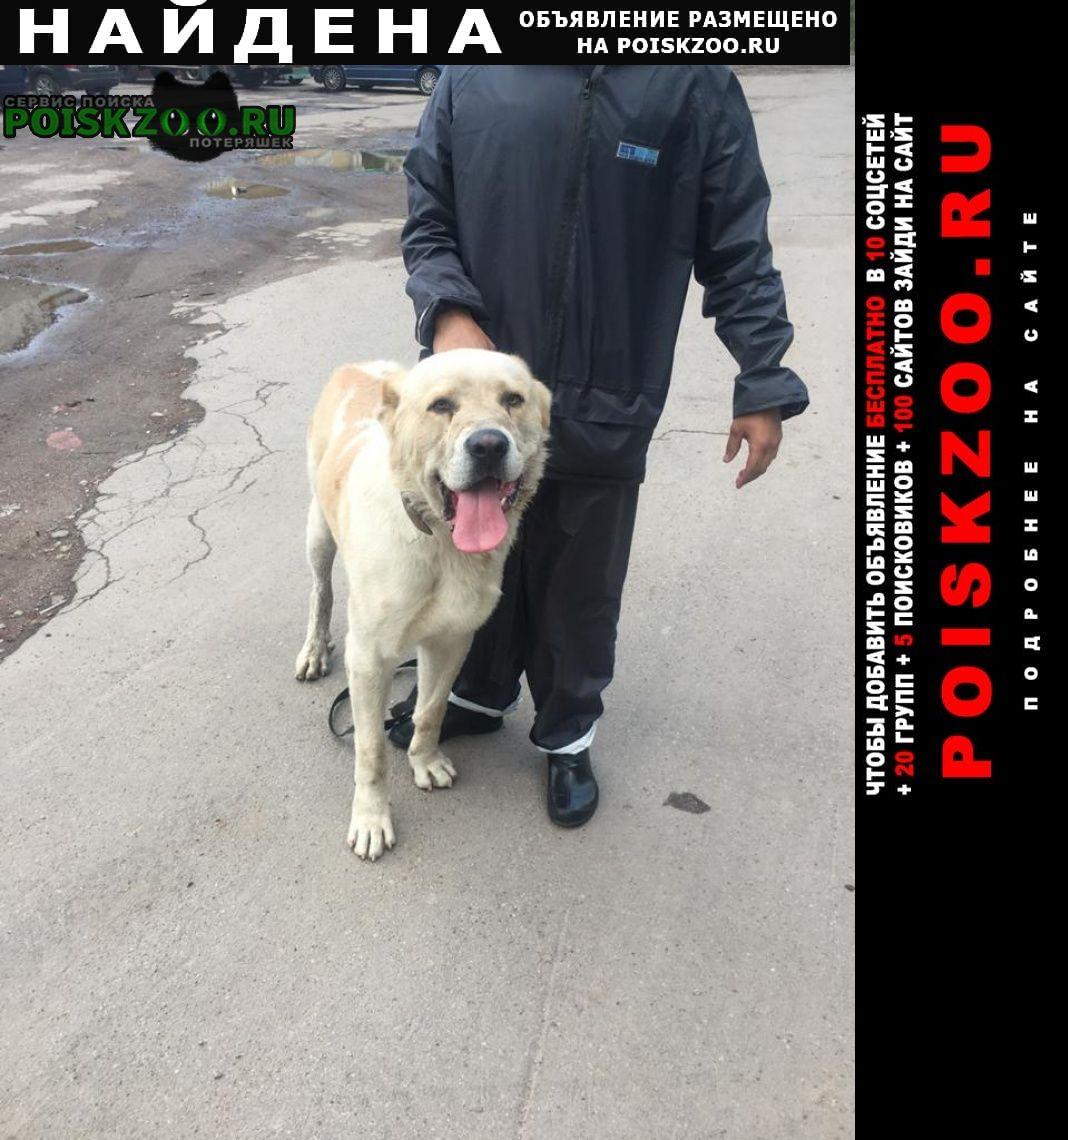 Найдена собака кобель азиат Санкт-Петербург